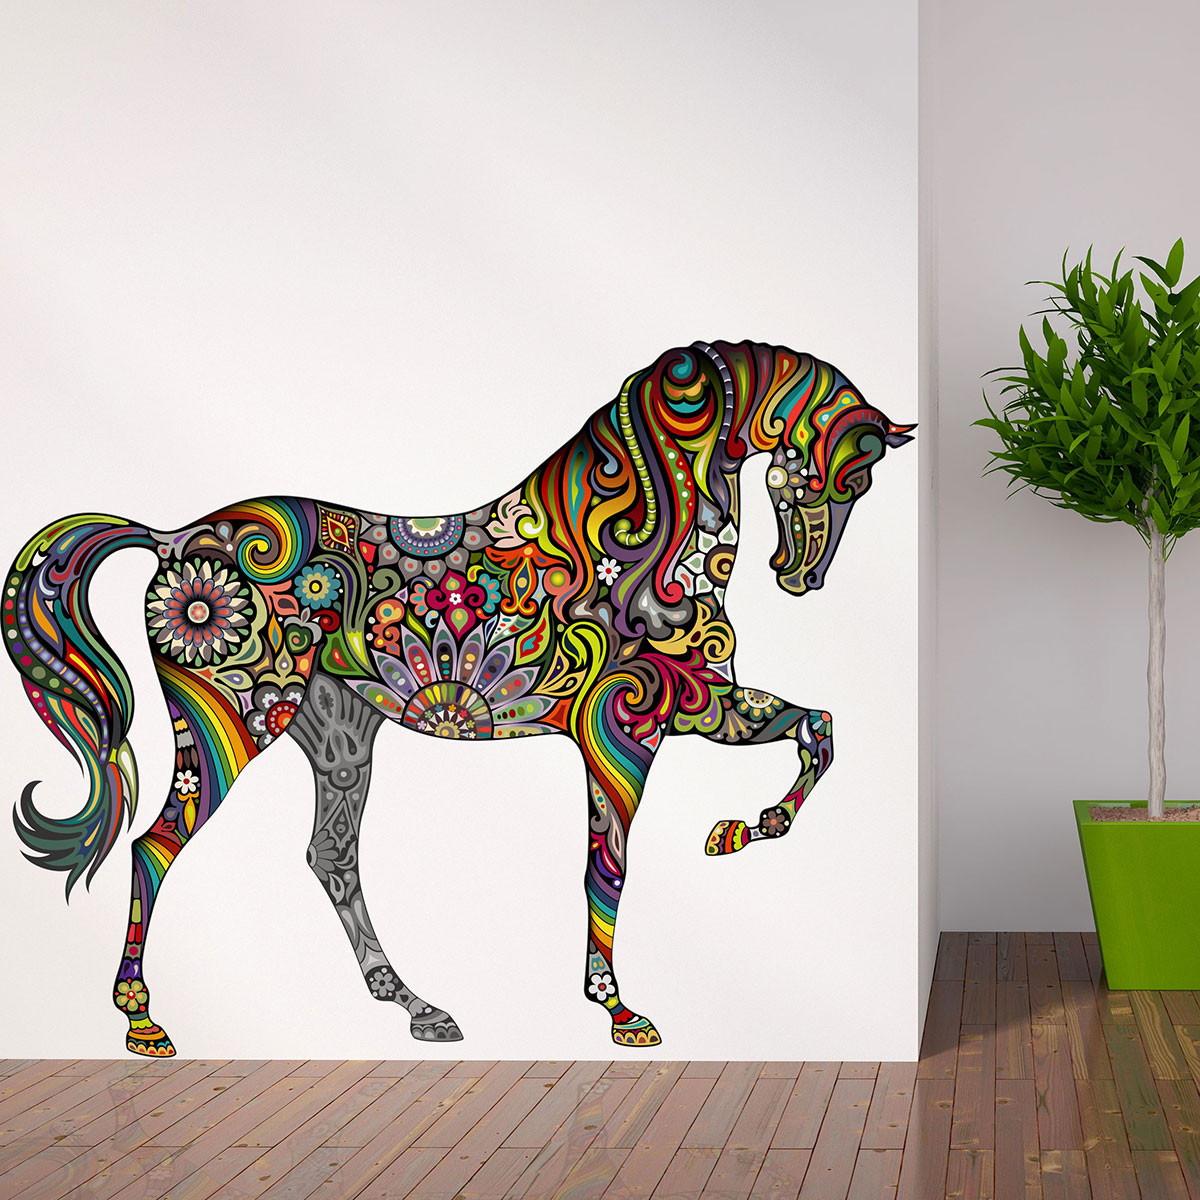 Cavalo Colorido Adesivo No Elo7 Aarte Decoor 6fbdfe  -> Fts De Cavalo Rm Adesivo Pra Quarto